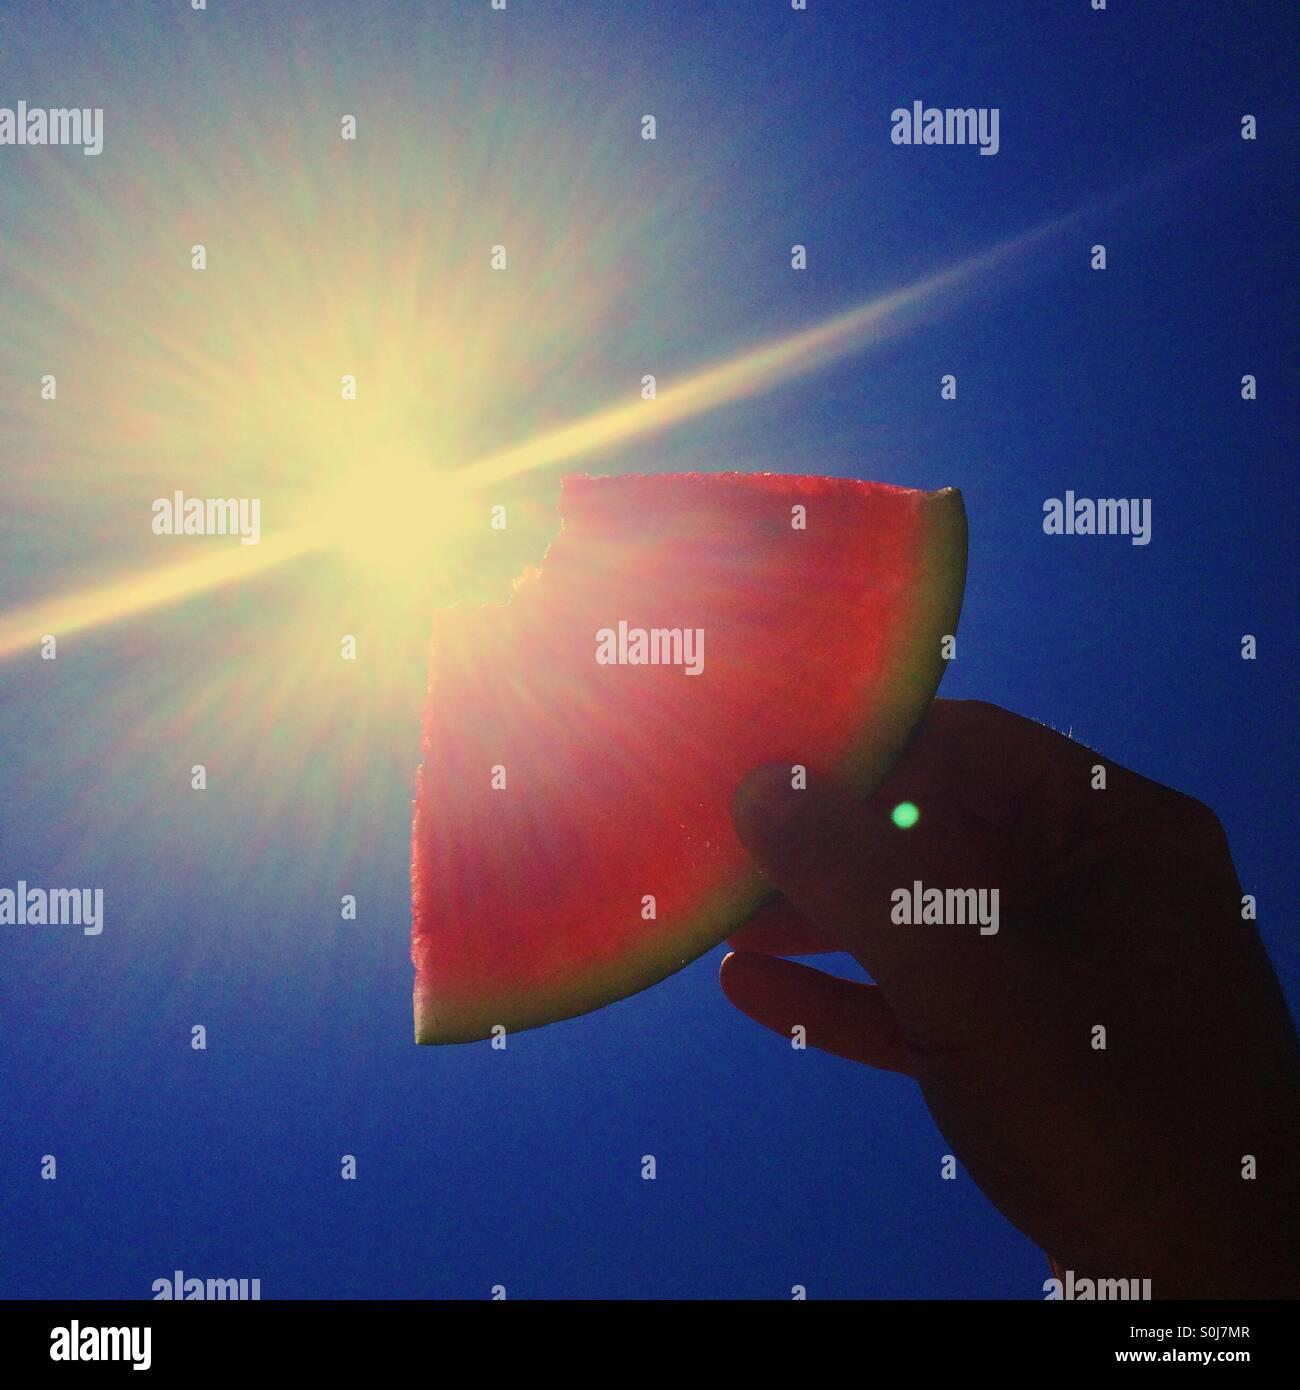 Wassermelone in der Sonne aufgehalten Stockbild